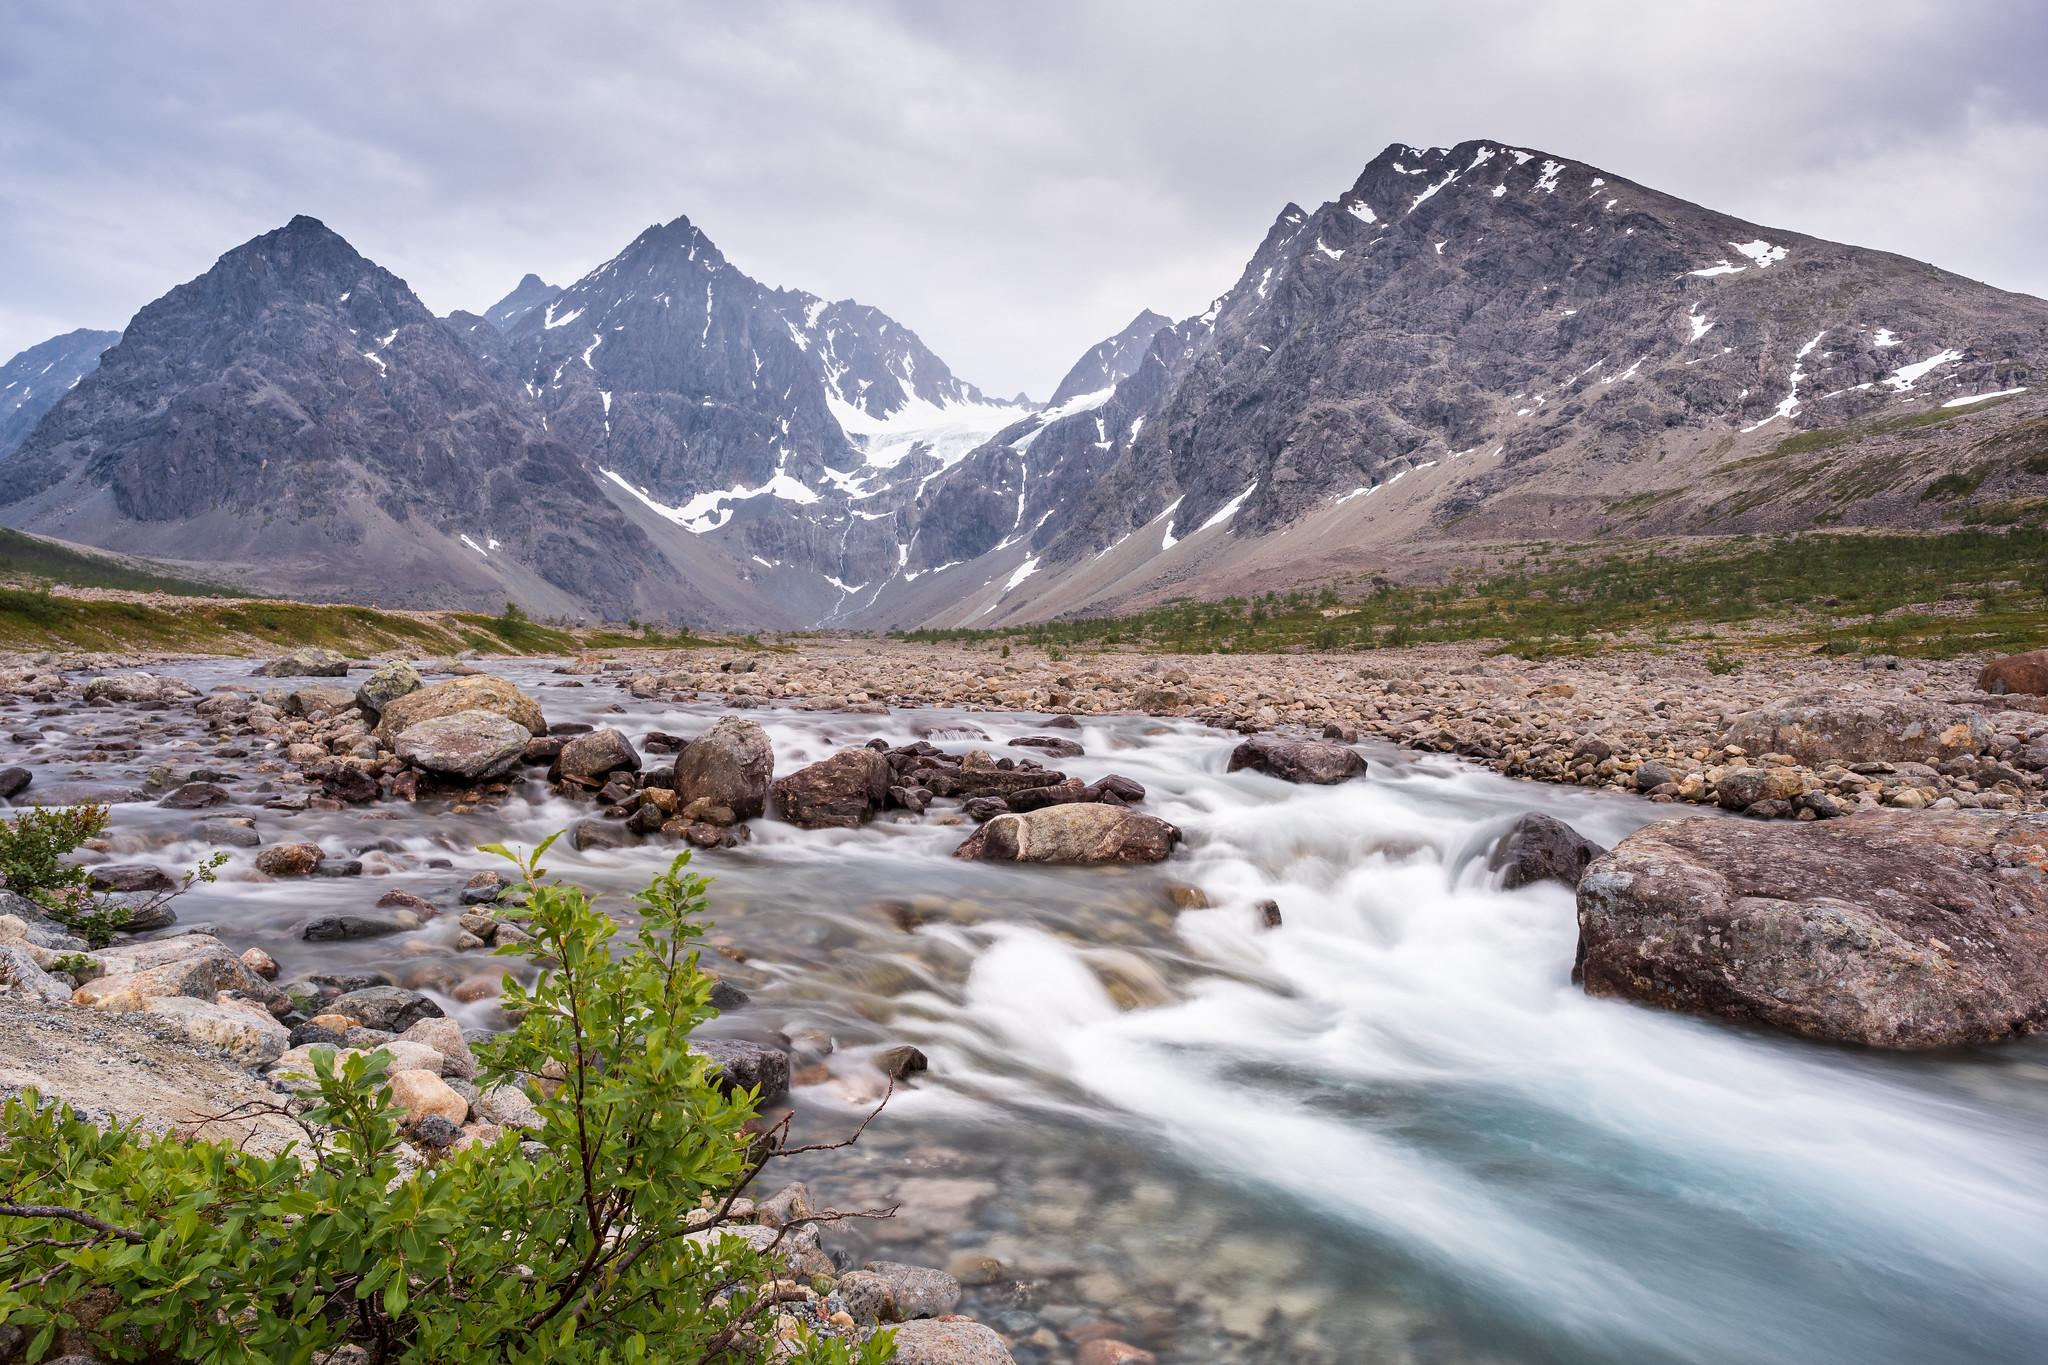 Noch wilderer Gletscherfluss auf dem Weg zum Blåisvatnet